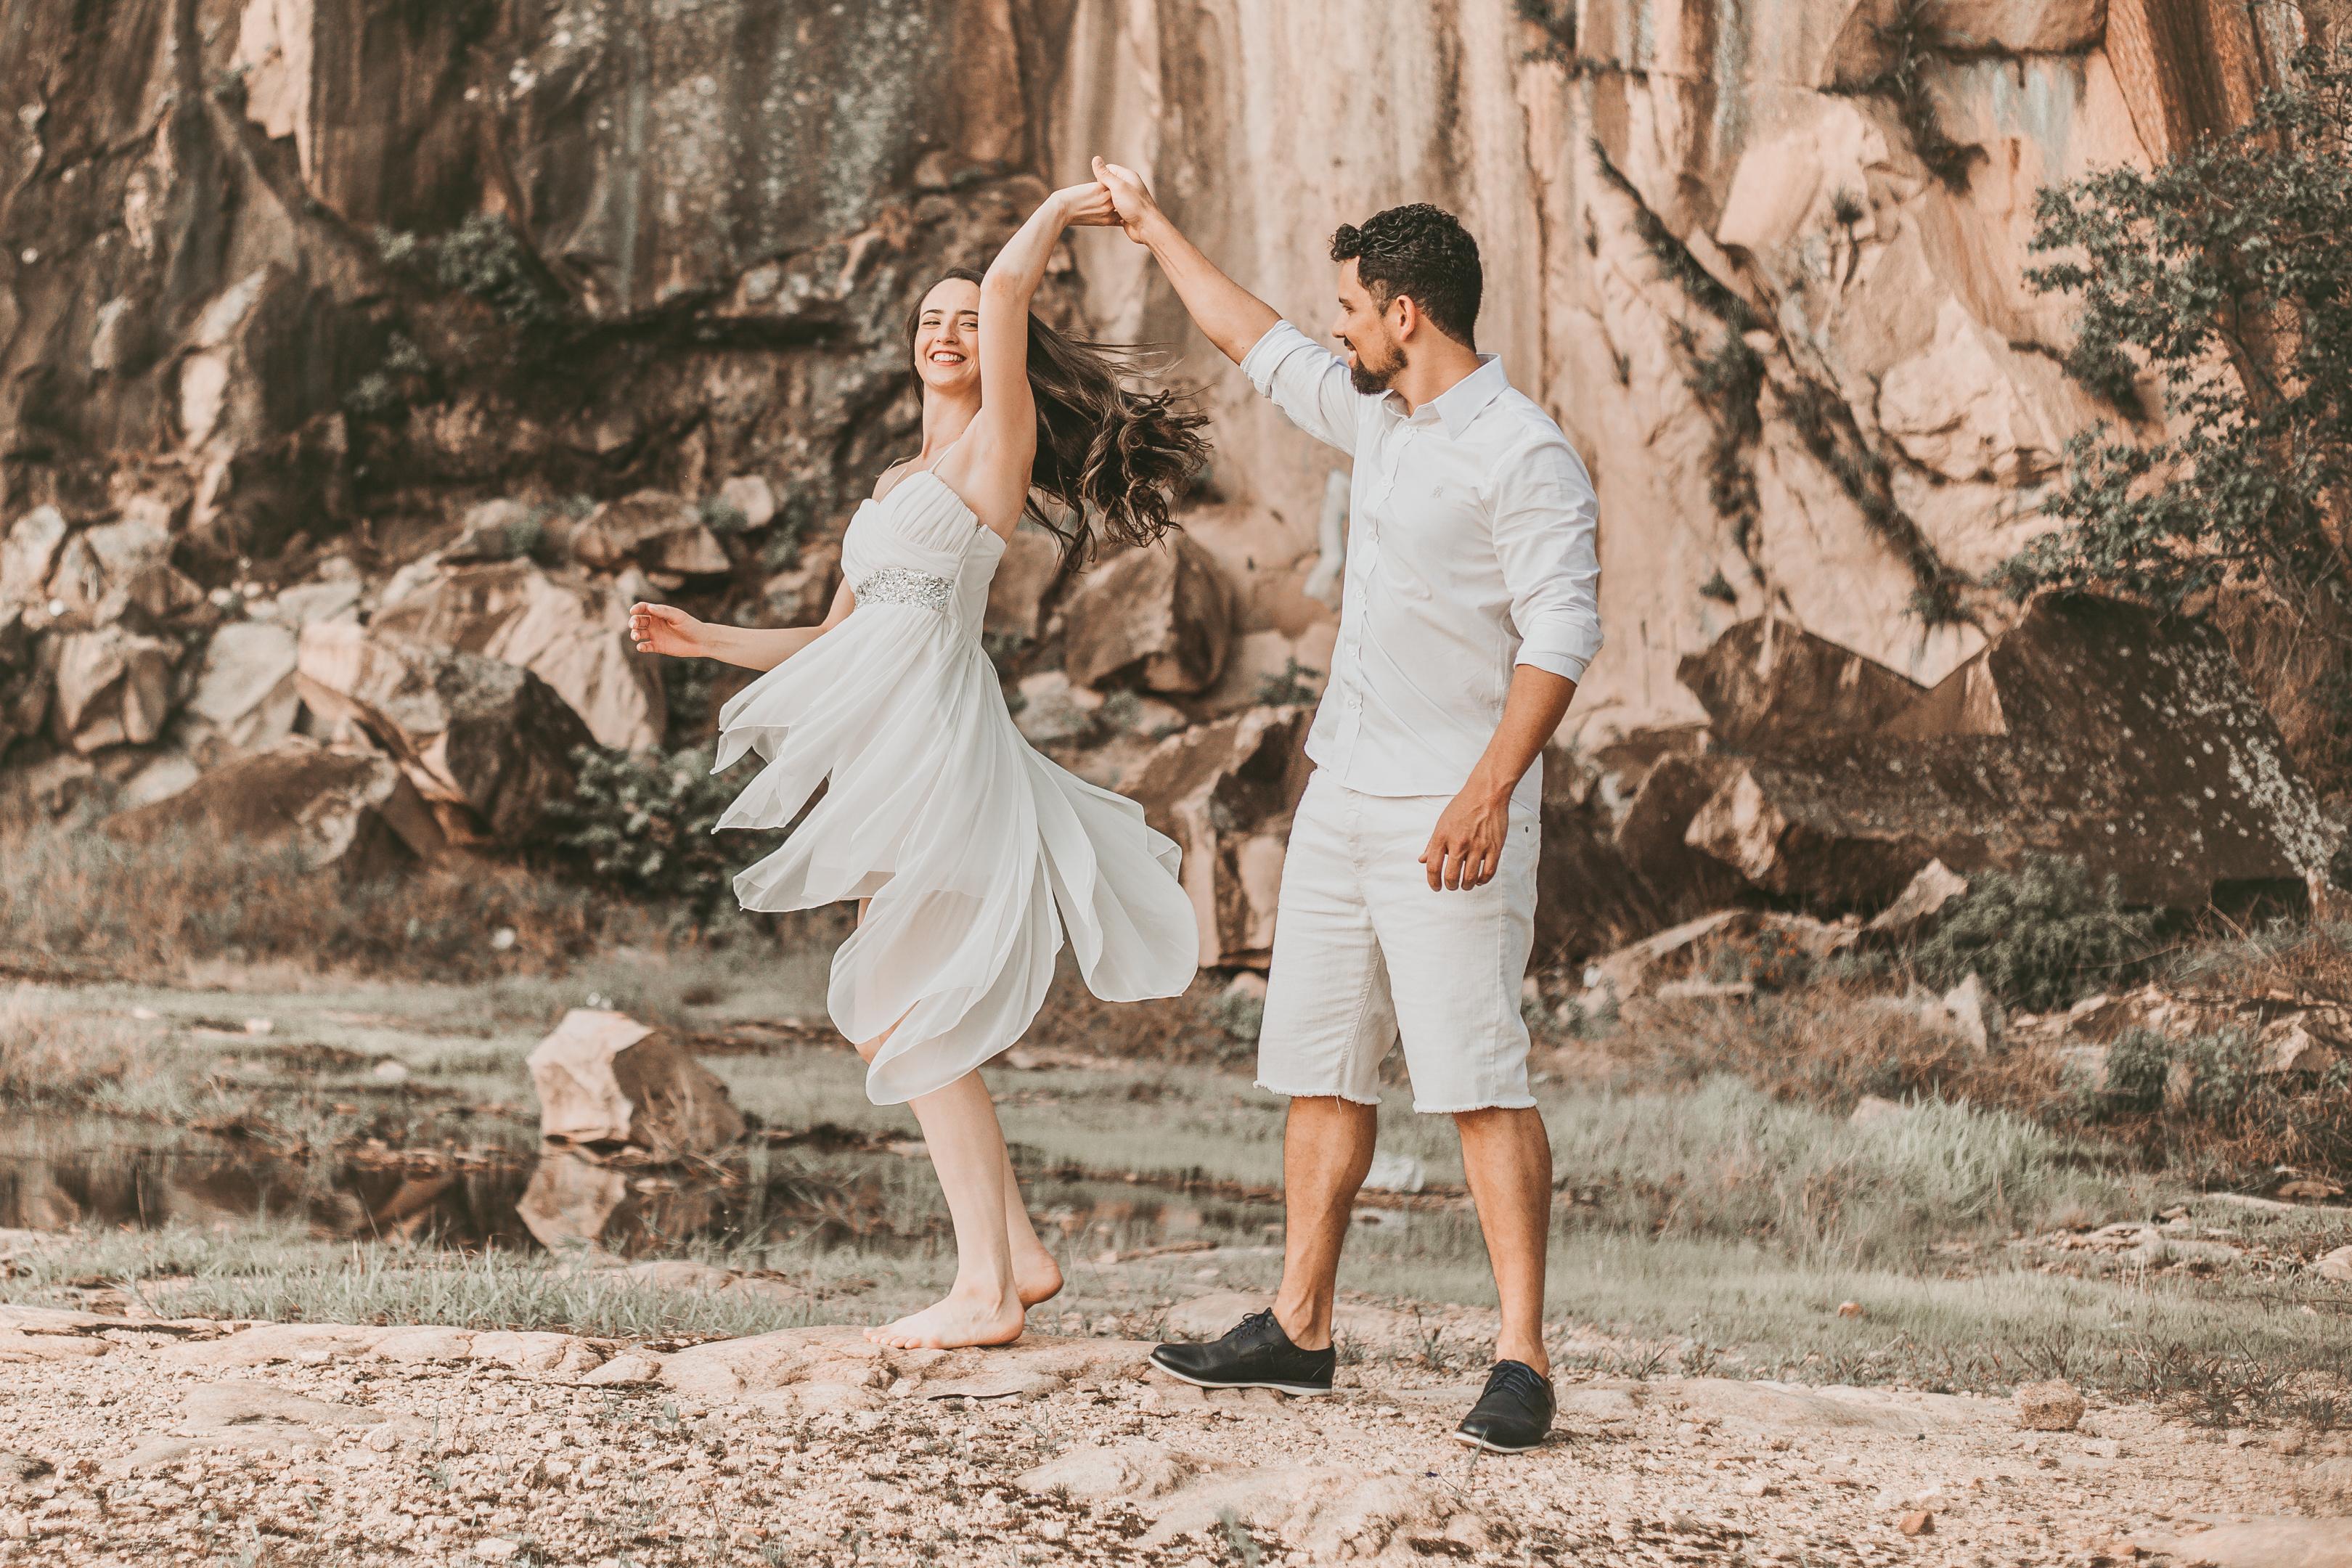 Contate Marcelo Leibovitz -  Fotógrafo Criativo de Casamentos e Debutantes